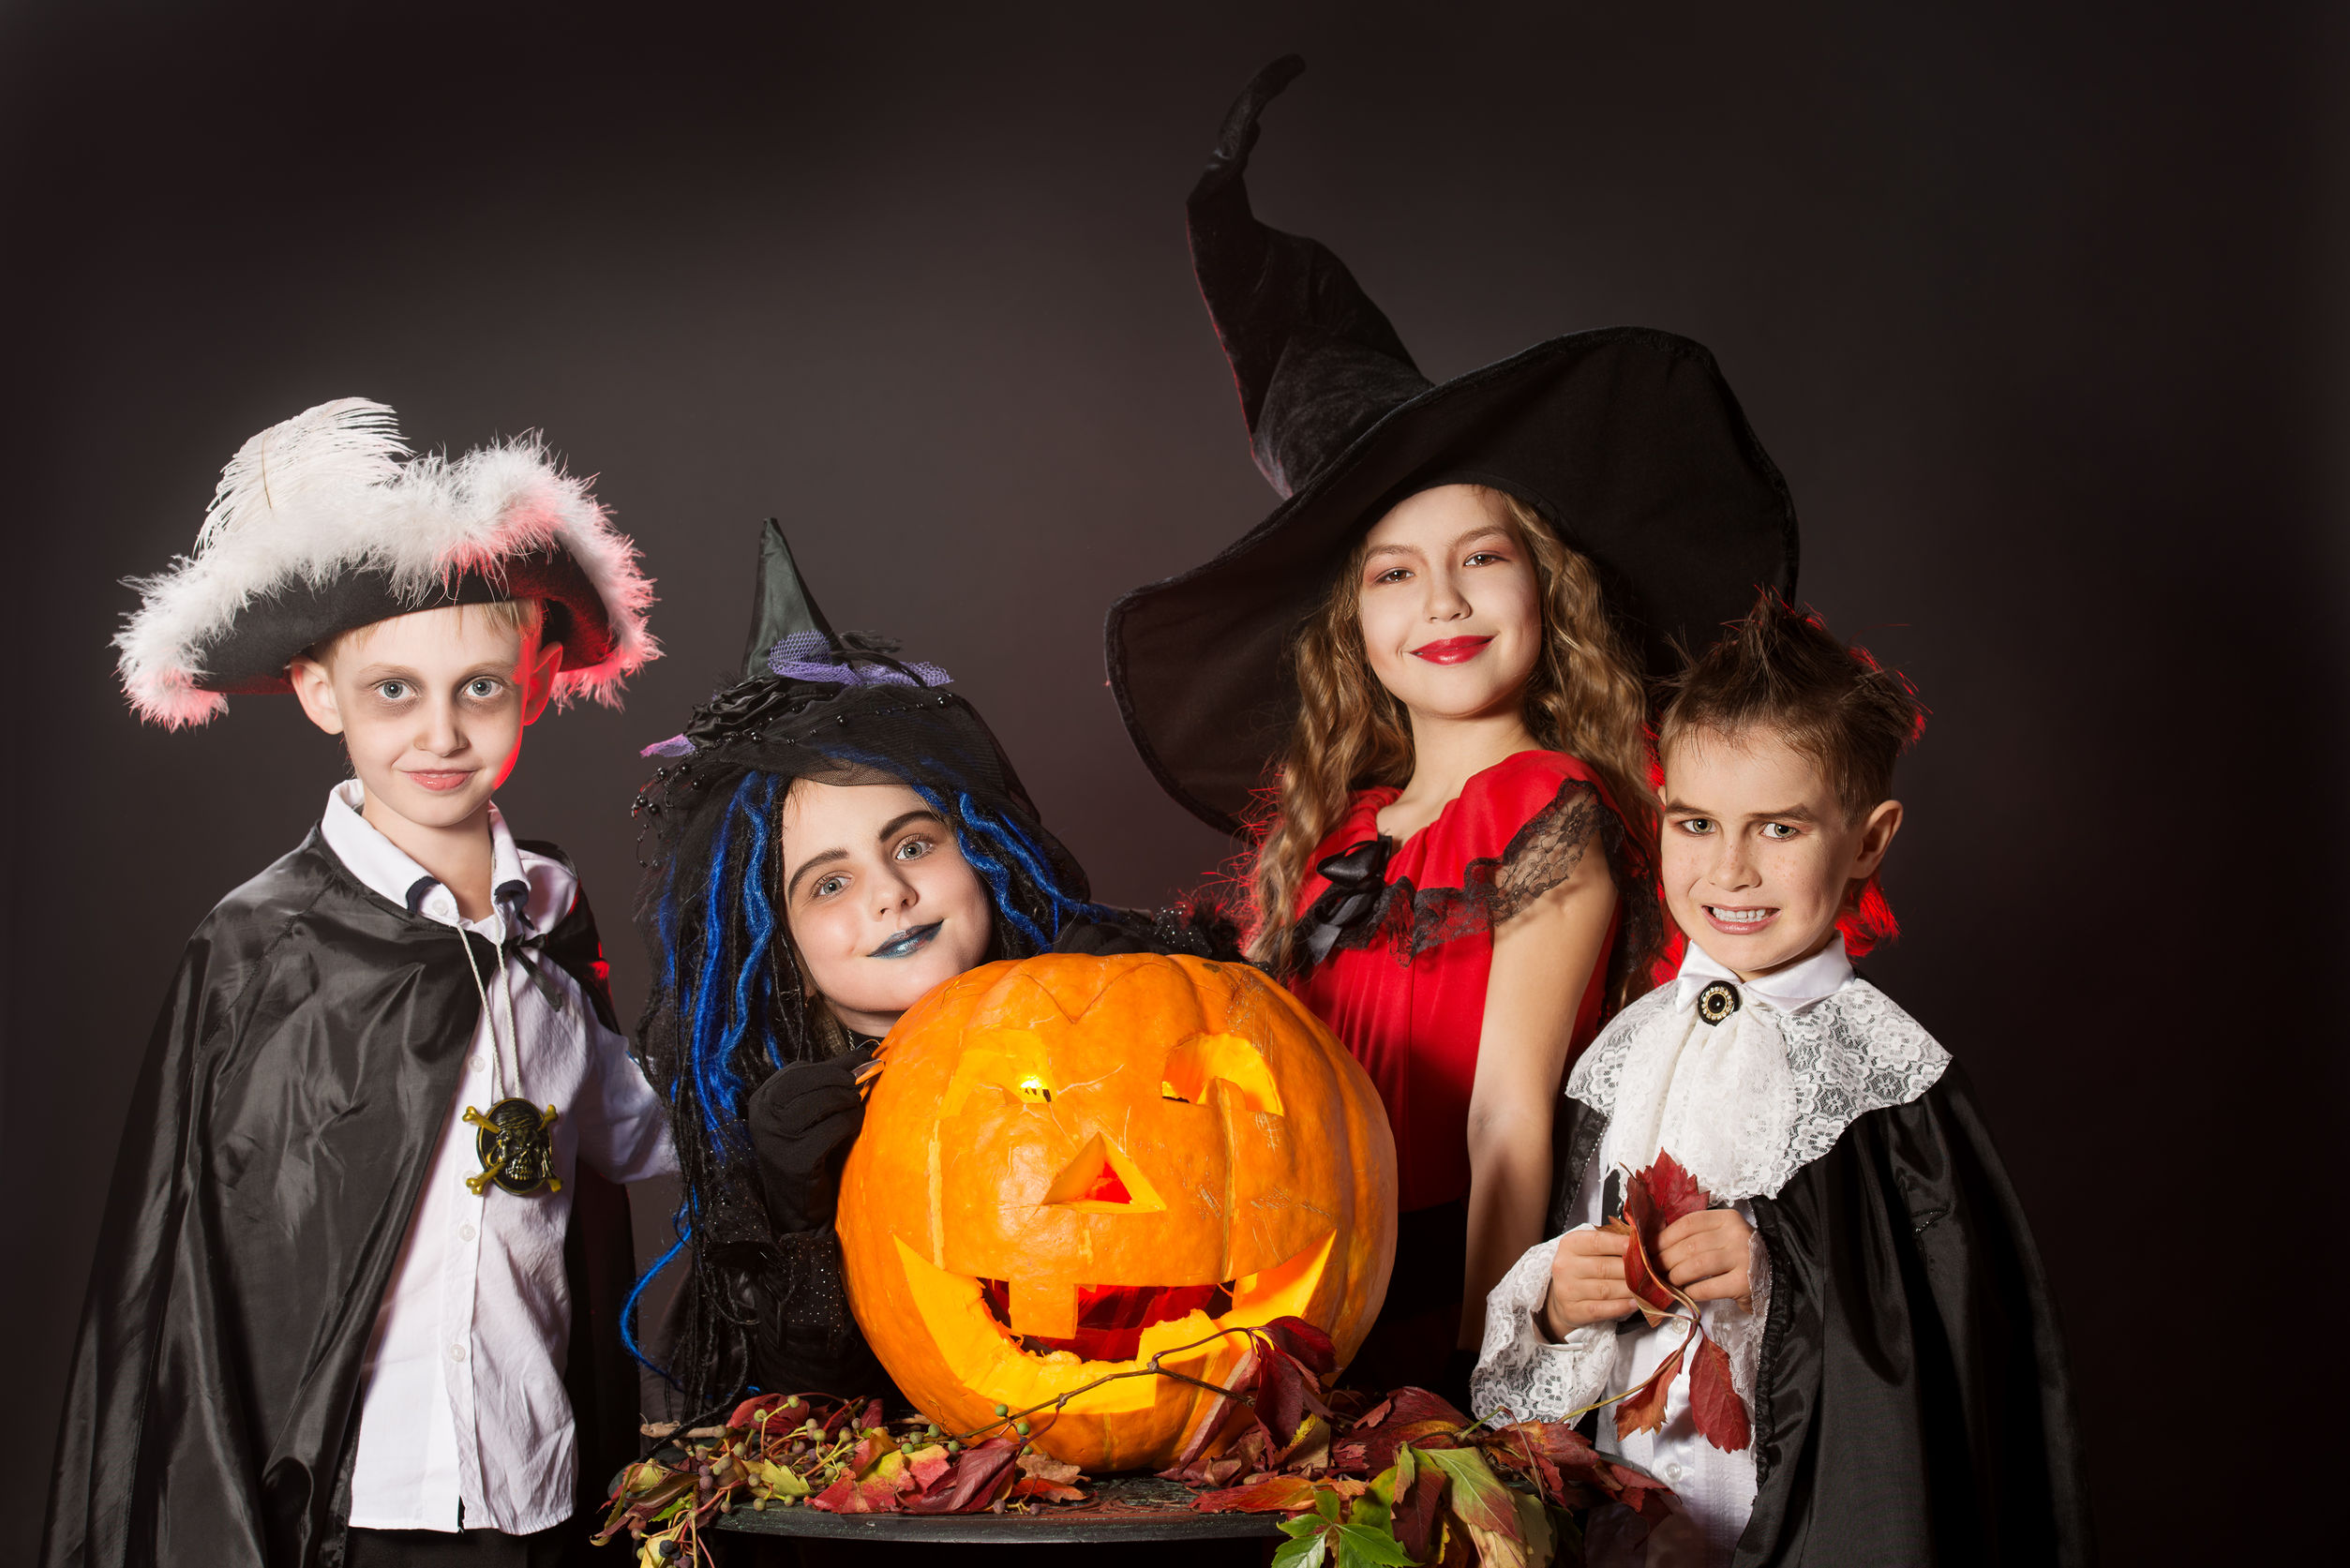 Niños alegres en disfraces de Halloween posando con calabaza